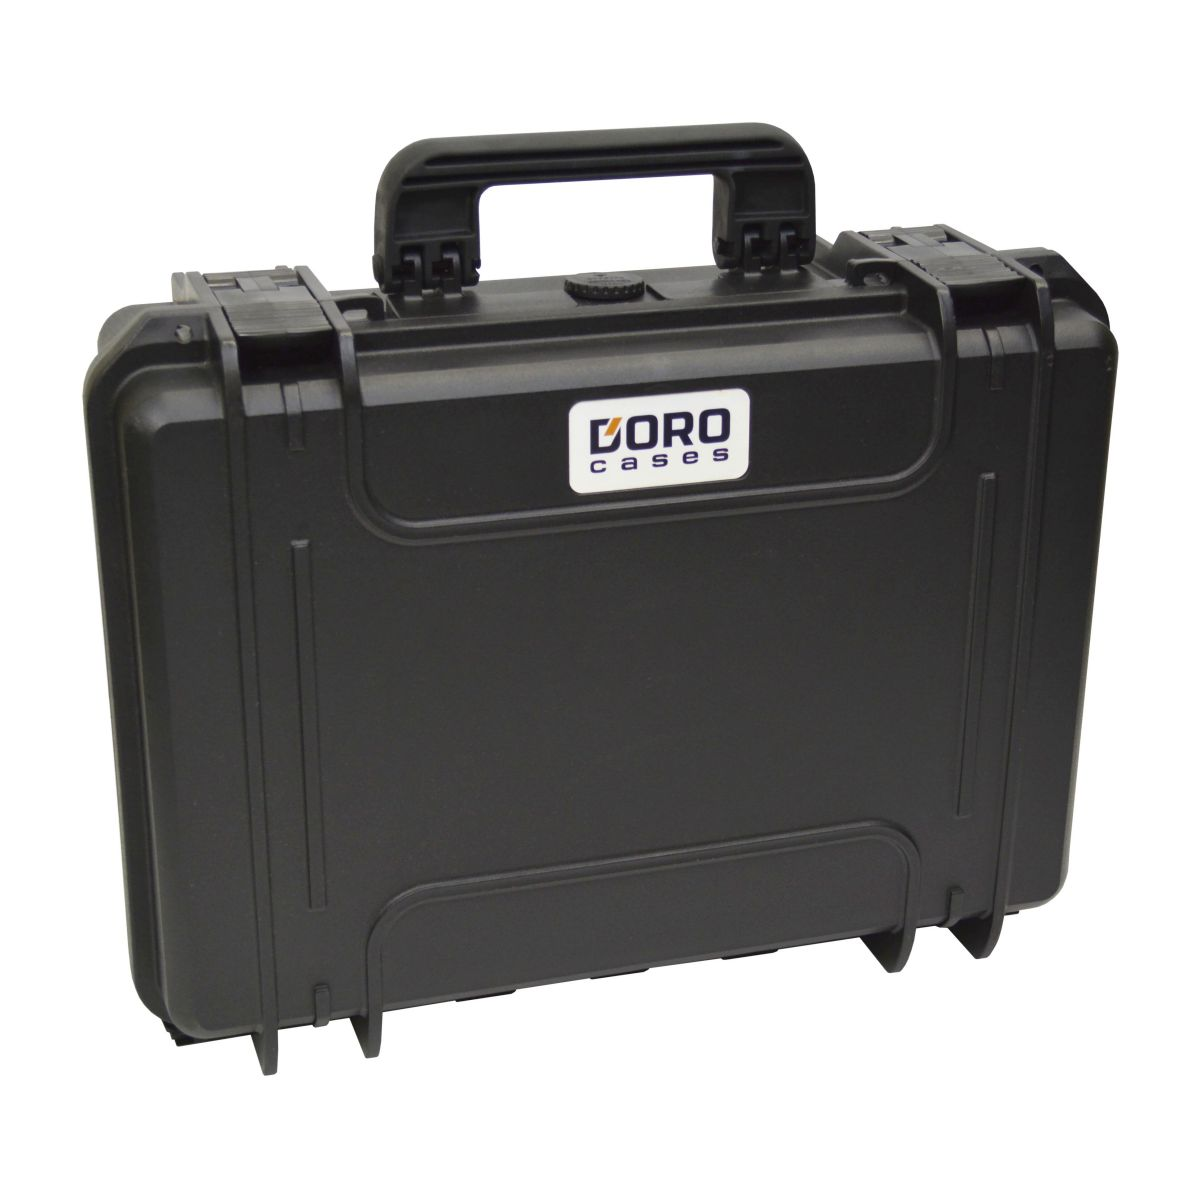 """12 x 3.5"""" SATA / PATA / IDE Hard Drive Storage Case - DORO D1611-6"""